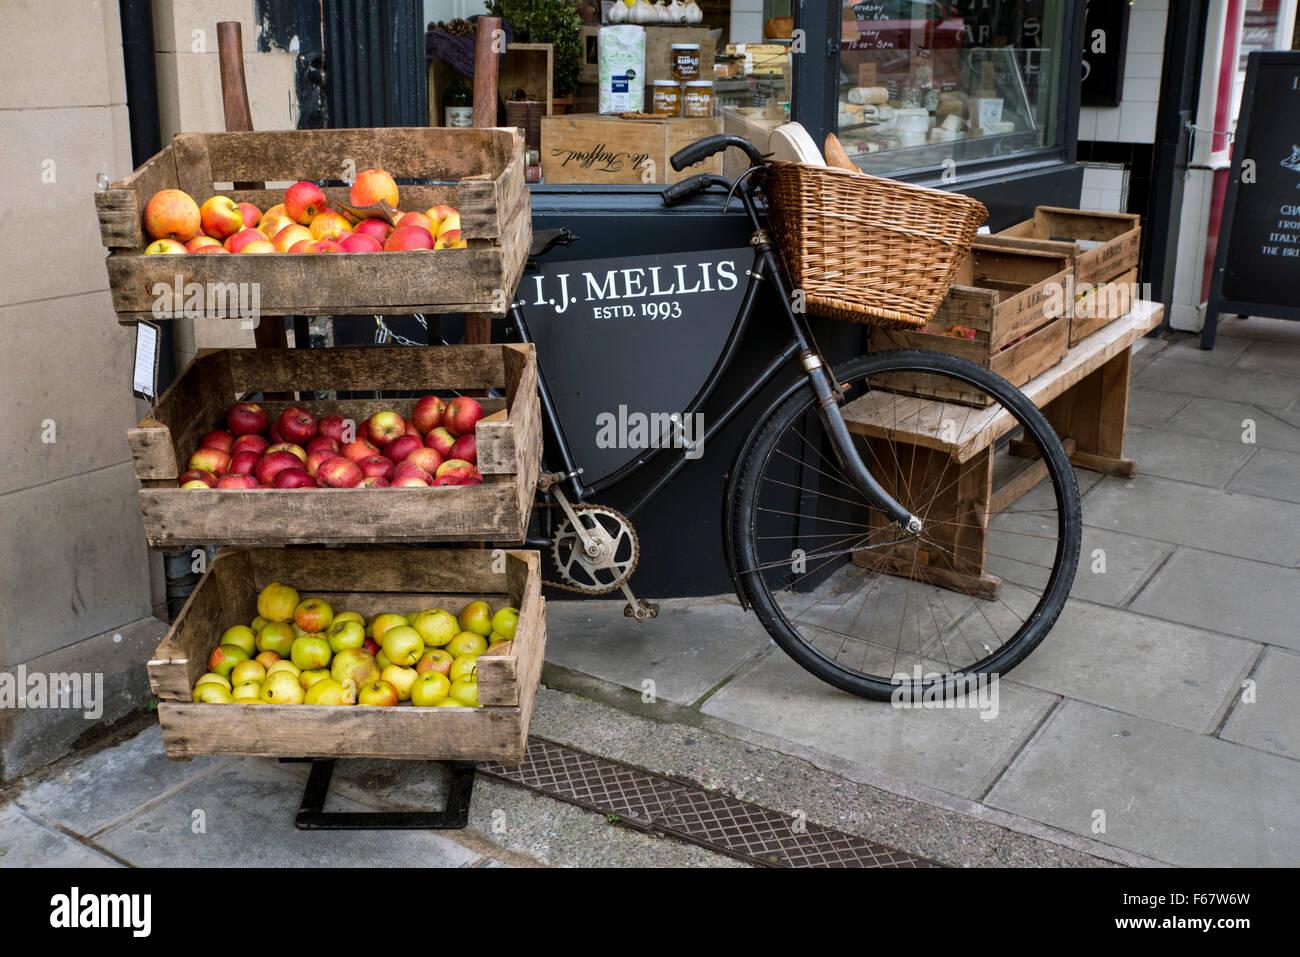 Kisten mit Äpfeln auf dem Display außerhalb des Ladens von I J Mellis, Käsehändler in Stockbridge, Stockbild